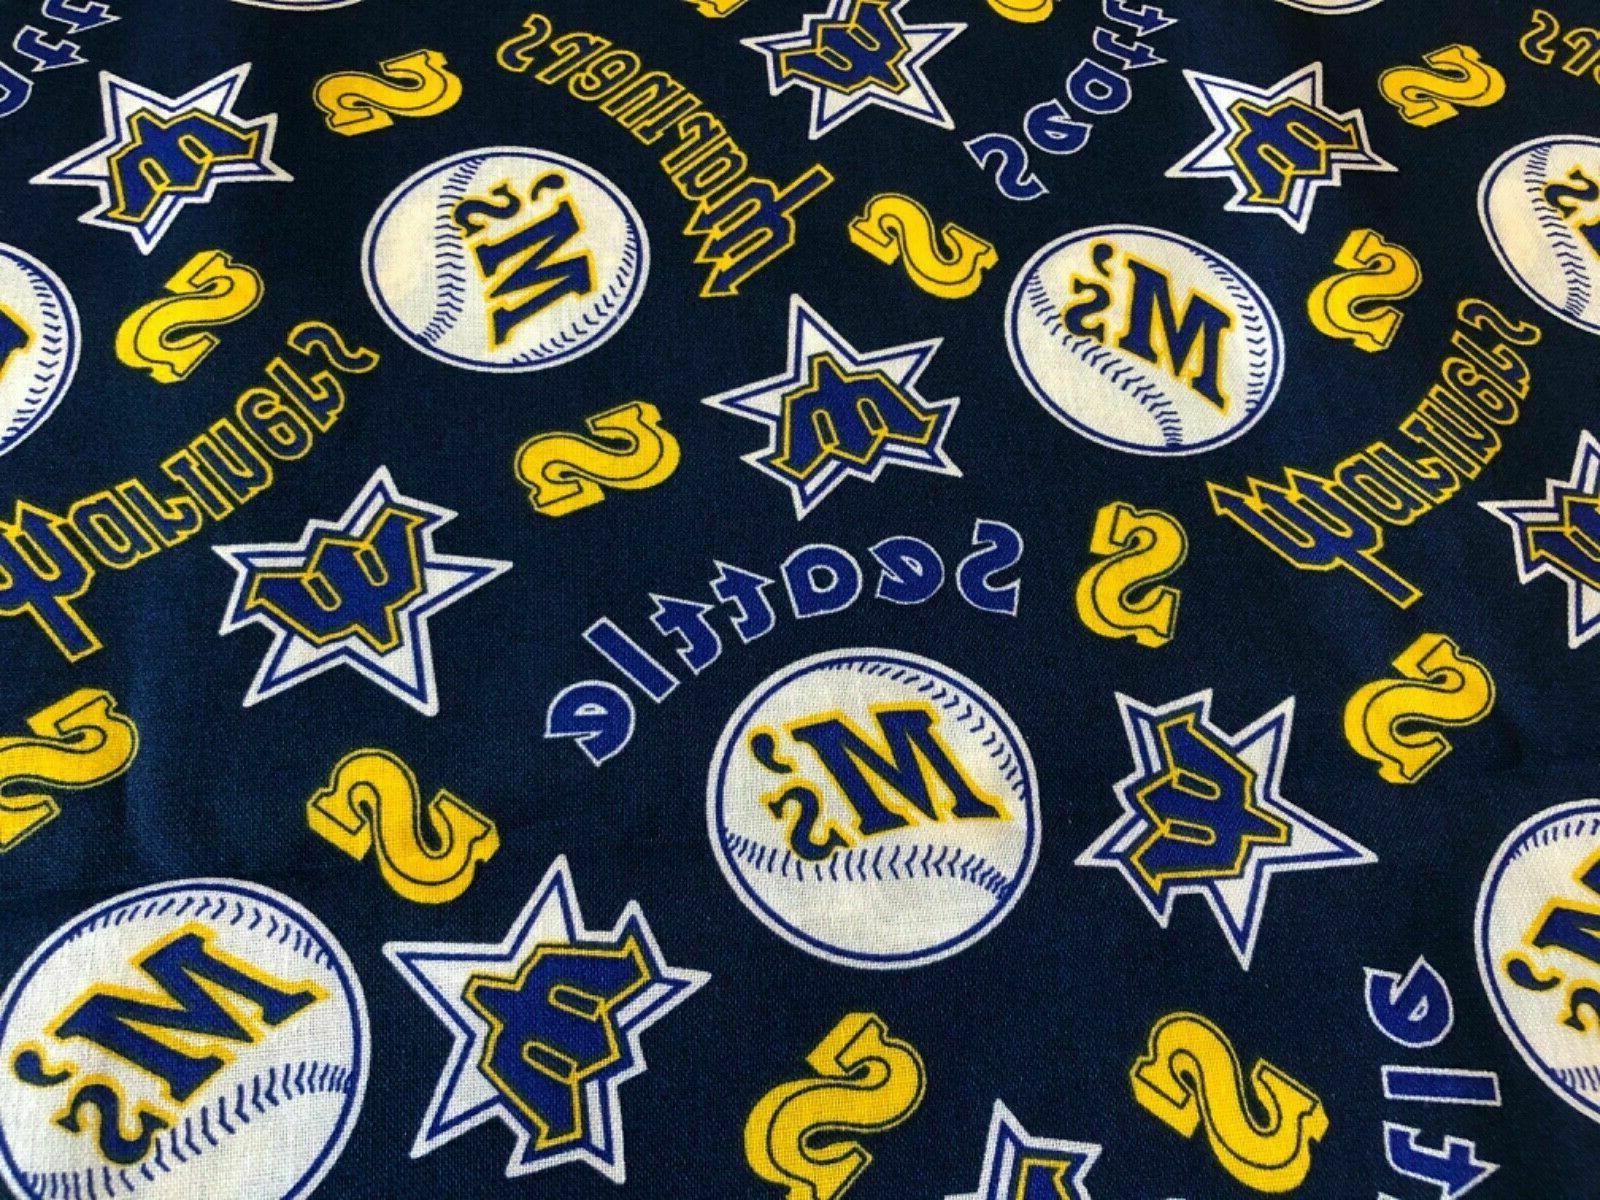 mlb seattle mariners baseball m s cotton